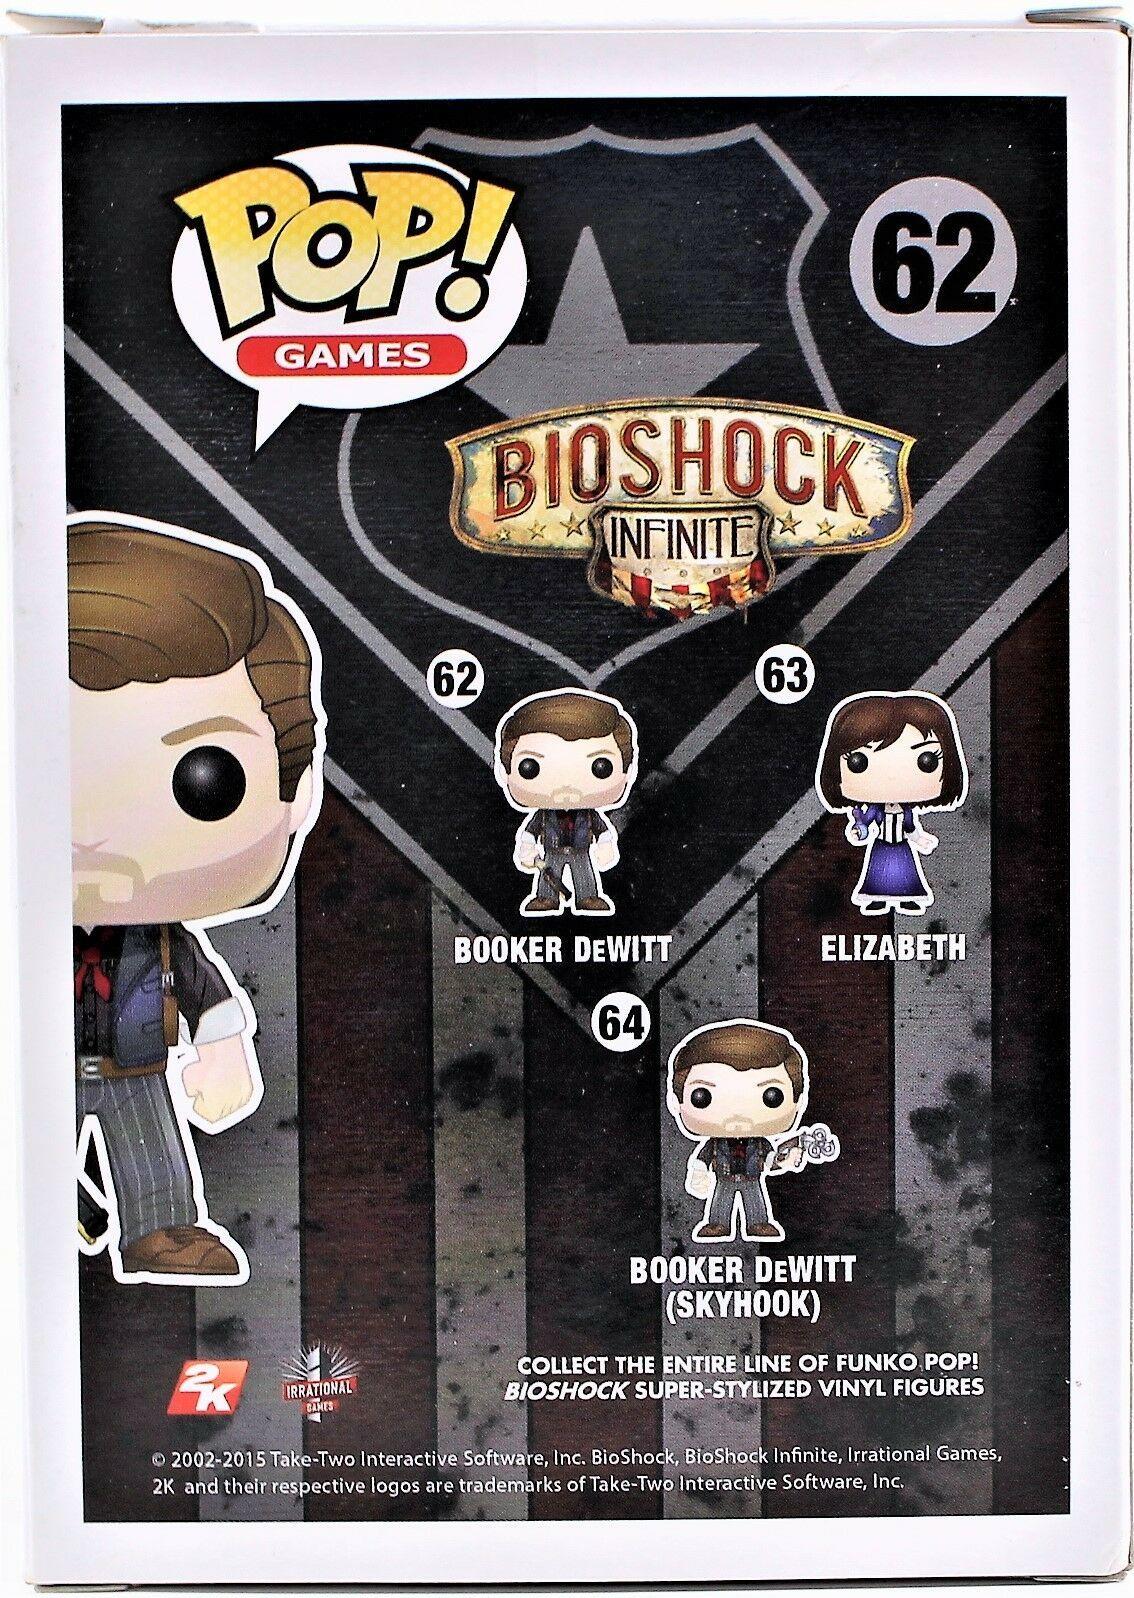 BioShock Infinite Booker DeWitt Pop! Vinyl Figure image 4